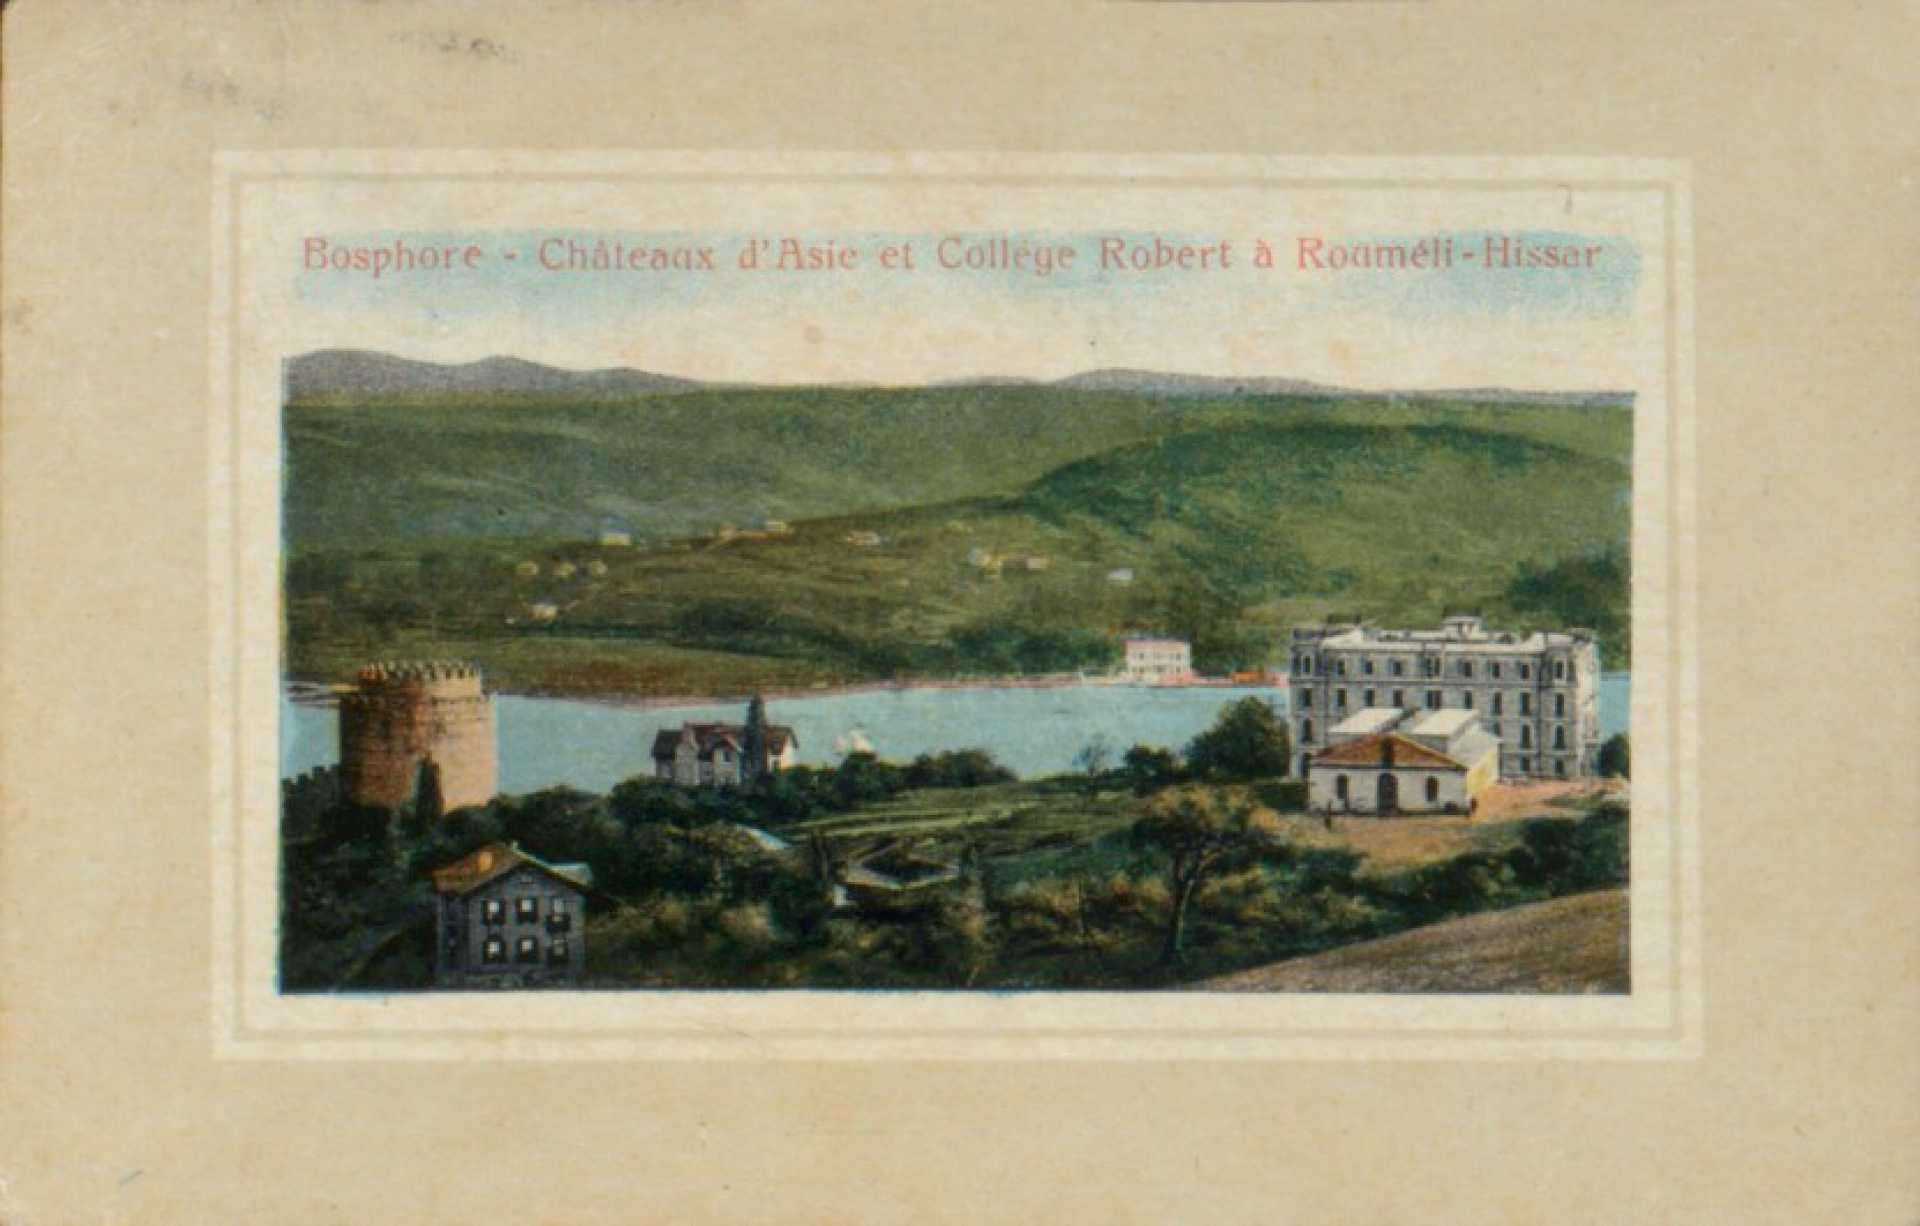 Chateaux d'Asie et College Robert a Roumeli – Hissar